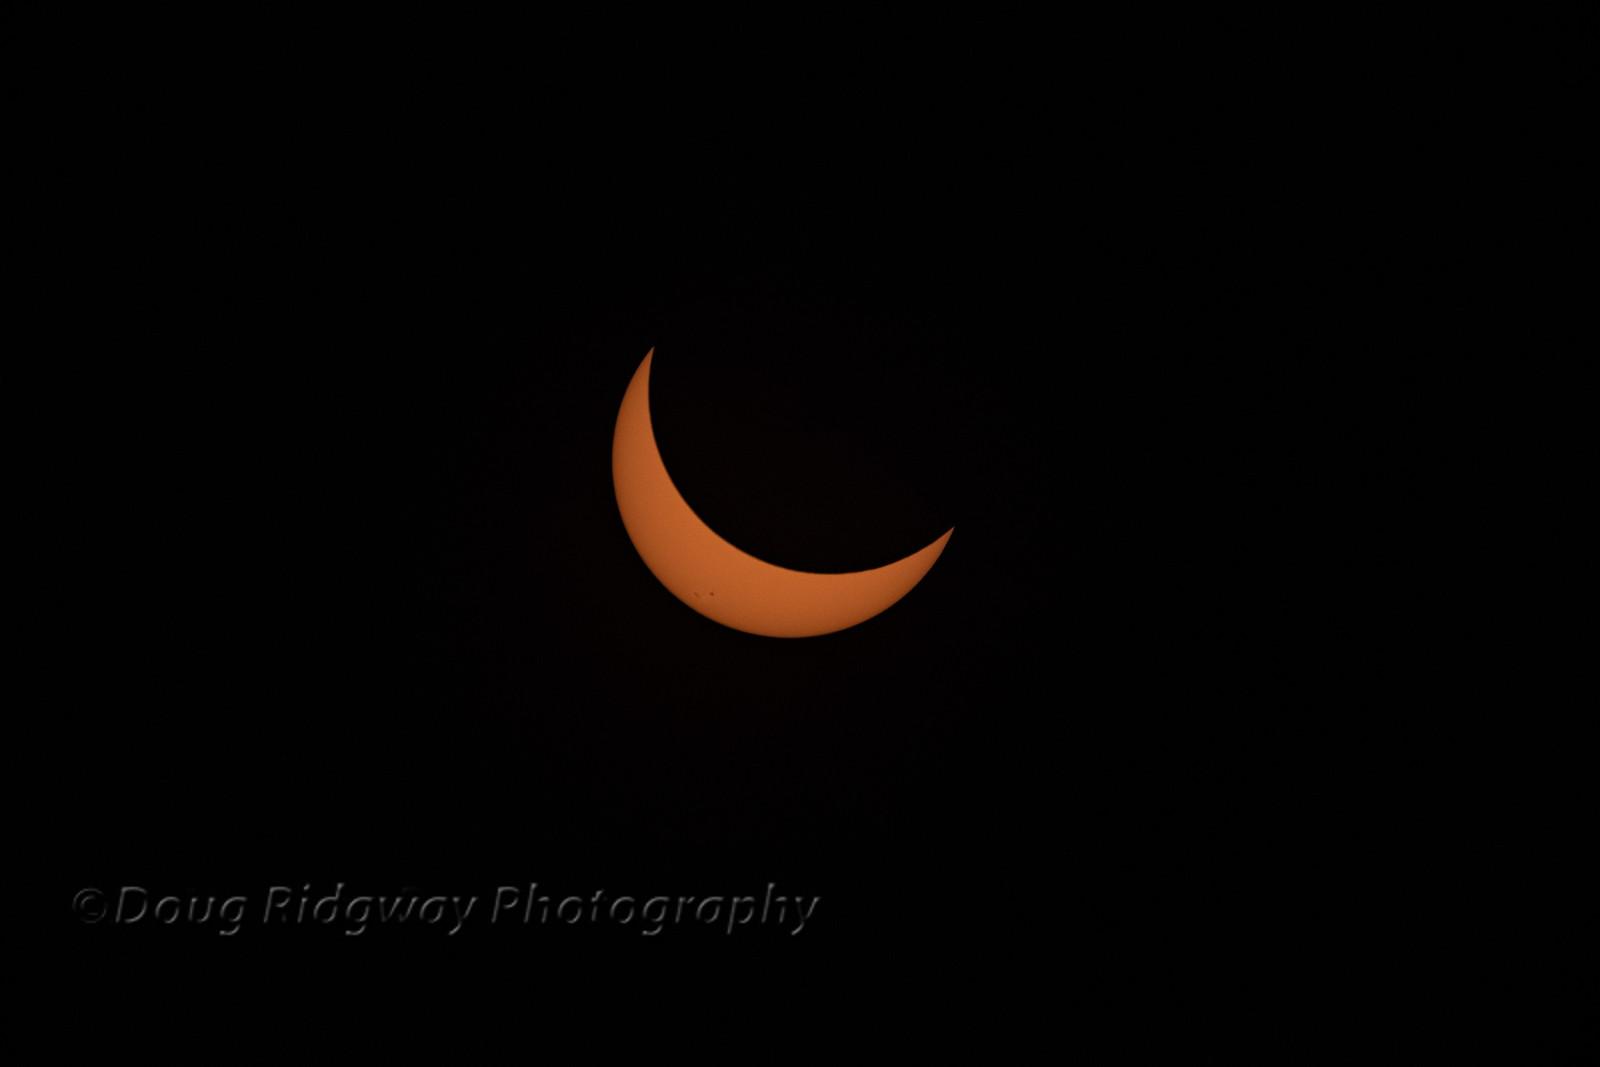 3/4 Eclipse